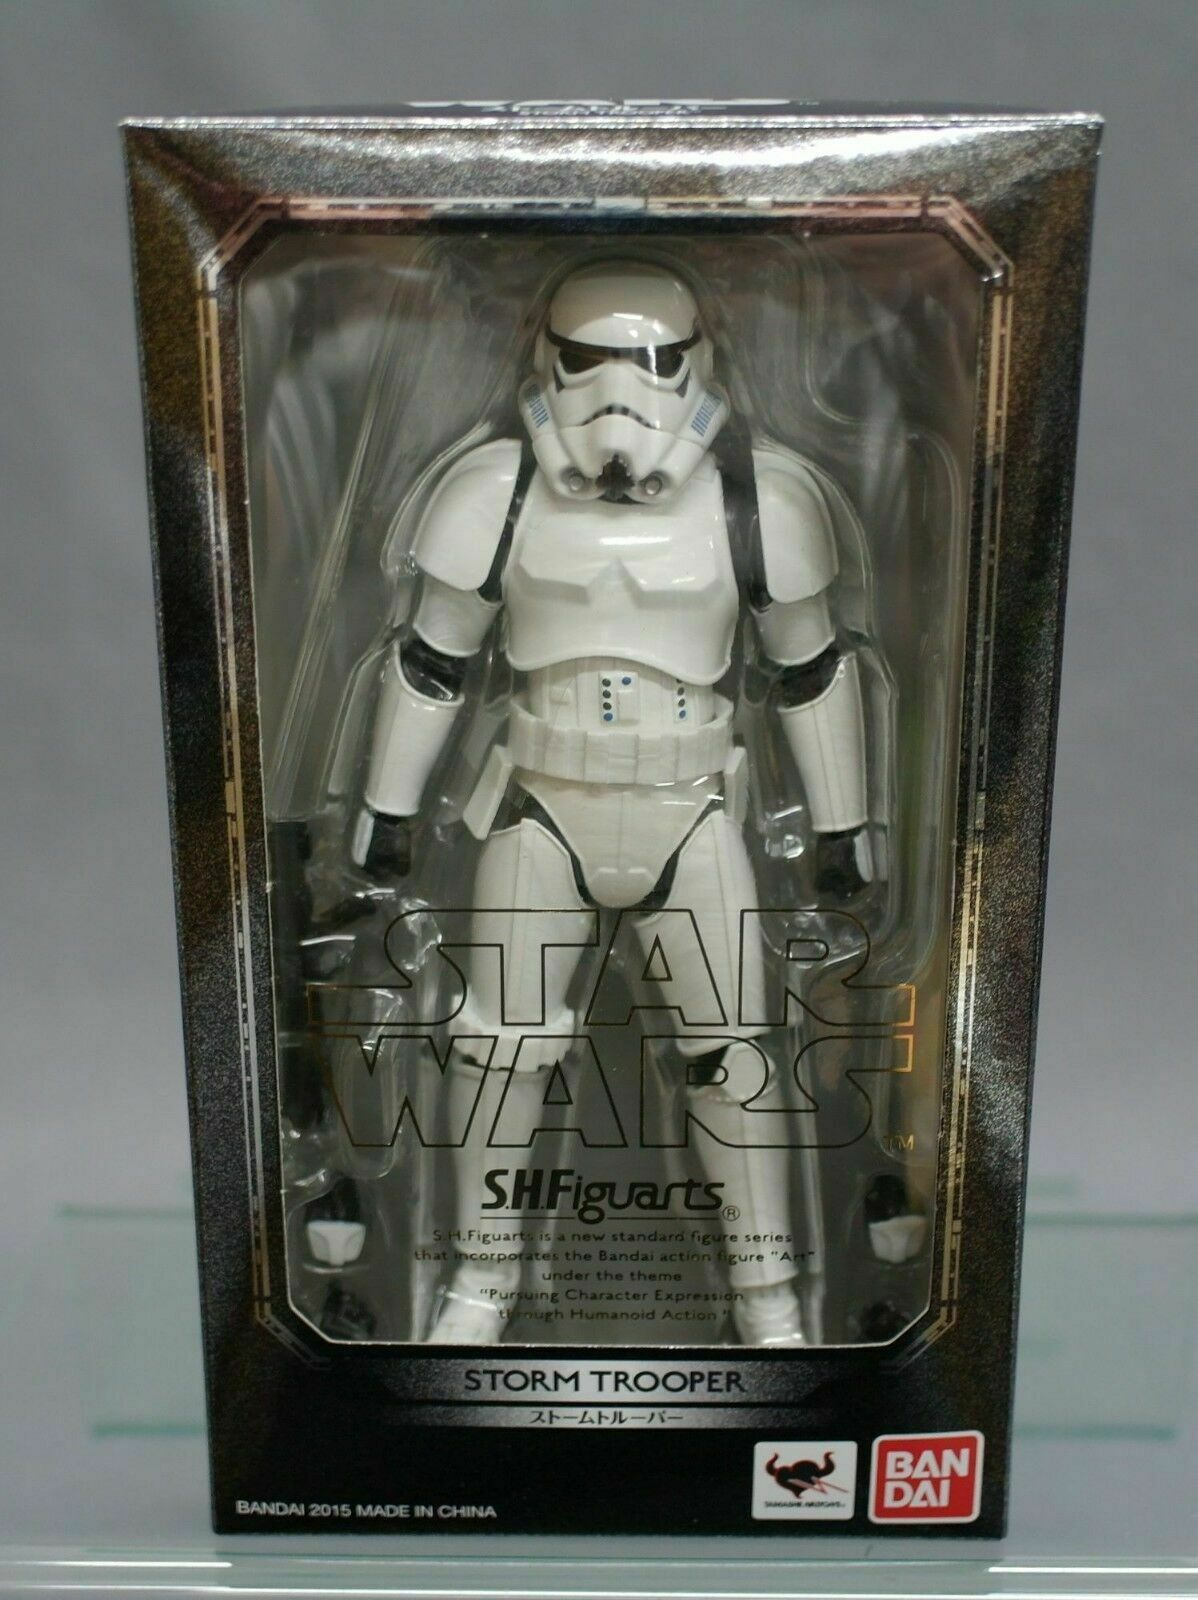 S.H. Figuarts Stormtrooper estrella guerras Episode 6 VI Return of the Jedi nuovoc